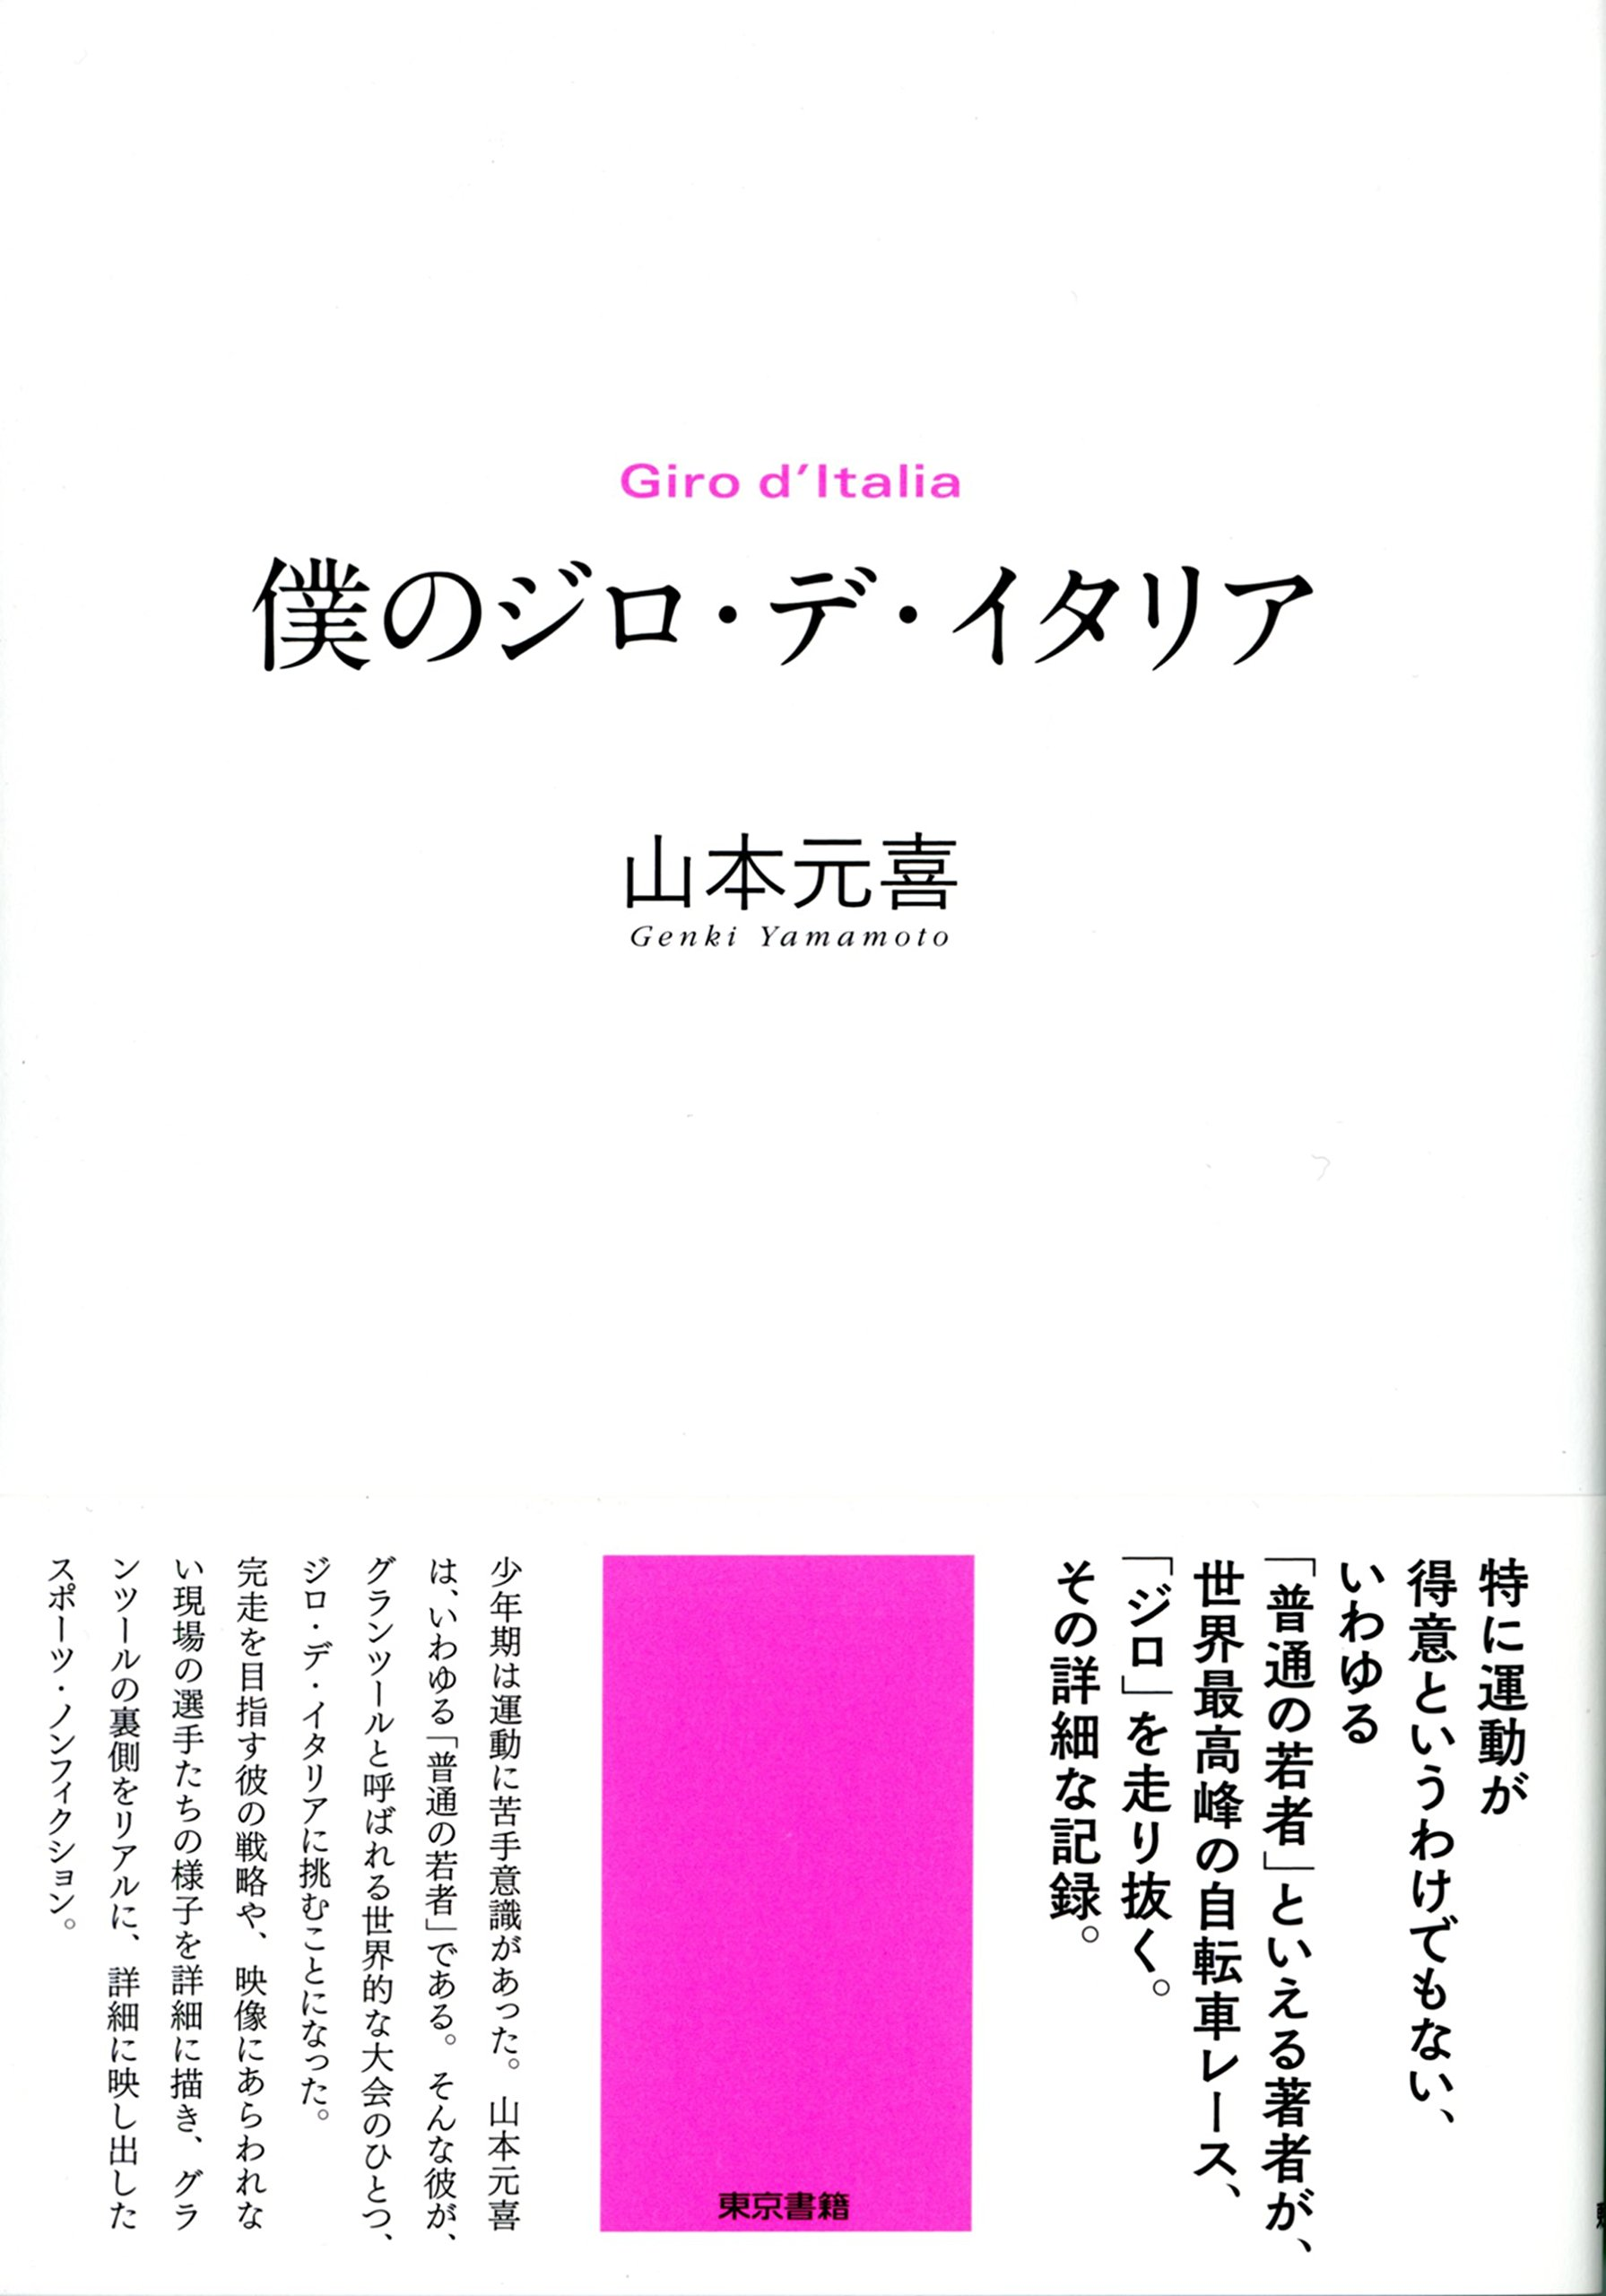 『僕のジロ・デ・イタリア』(東京書籍)